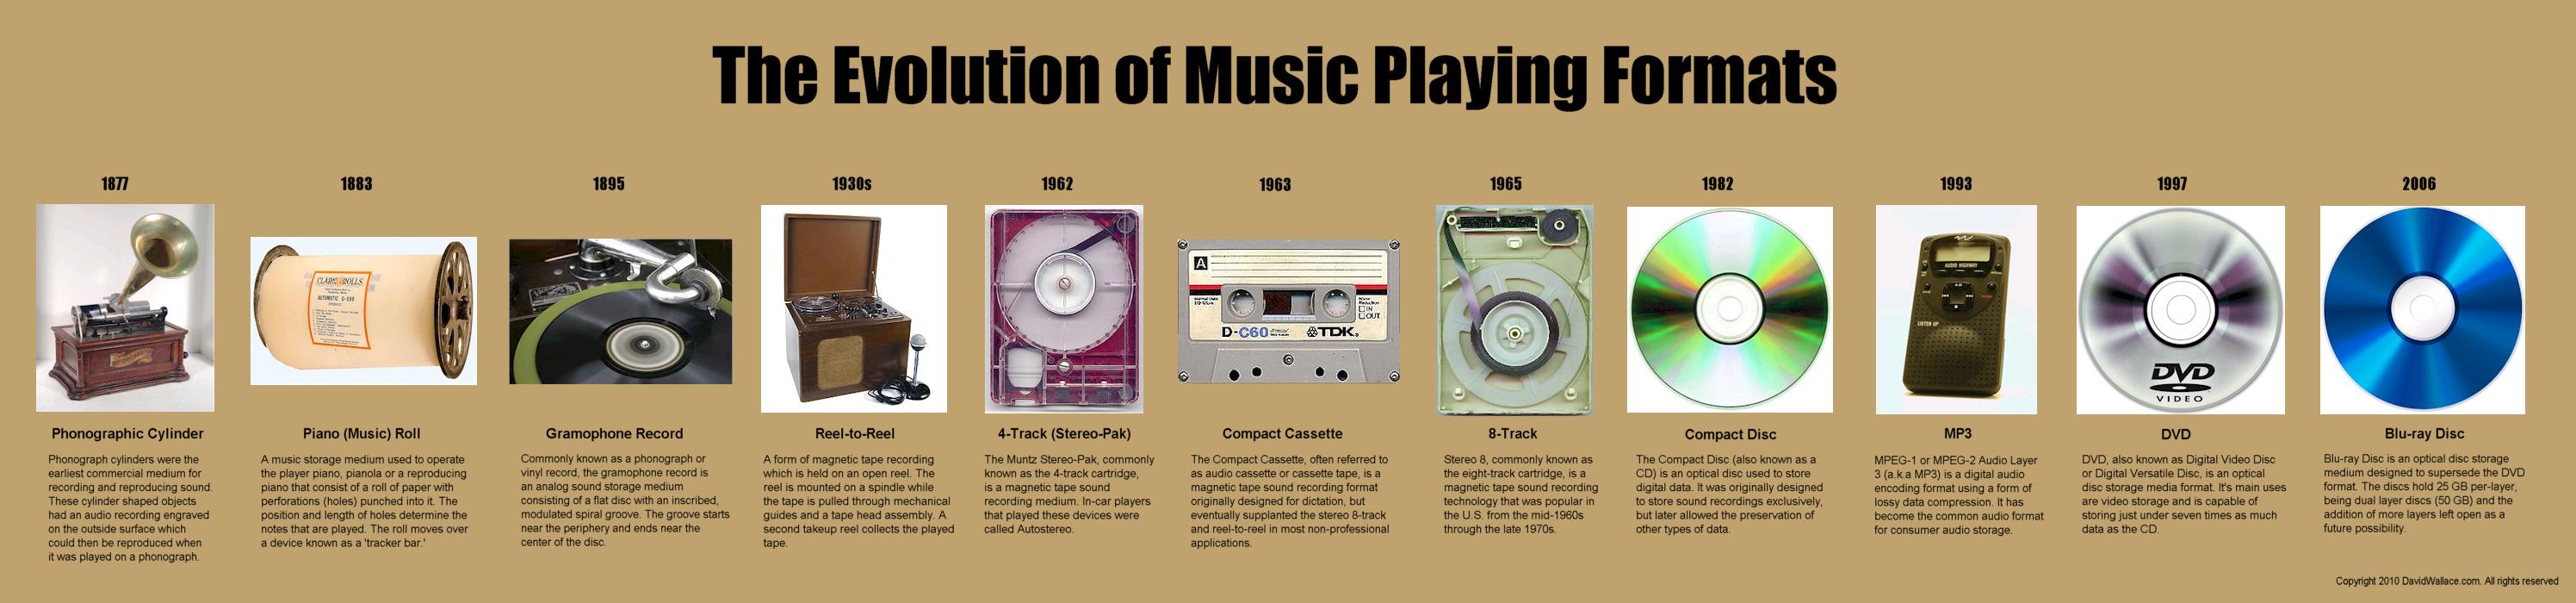 sound playback timeline